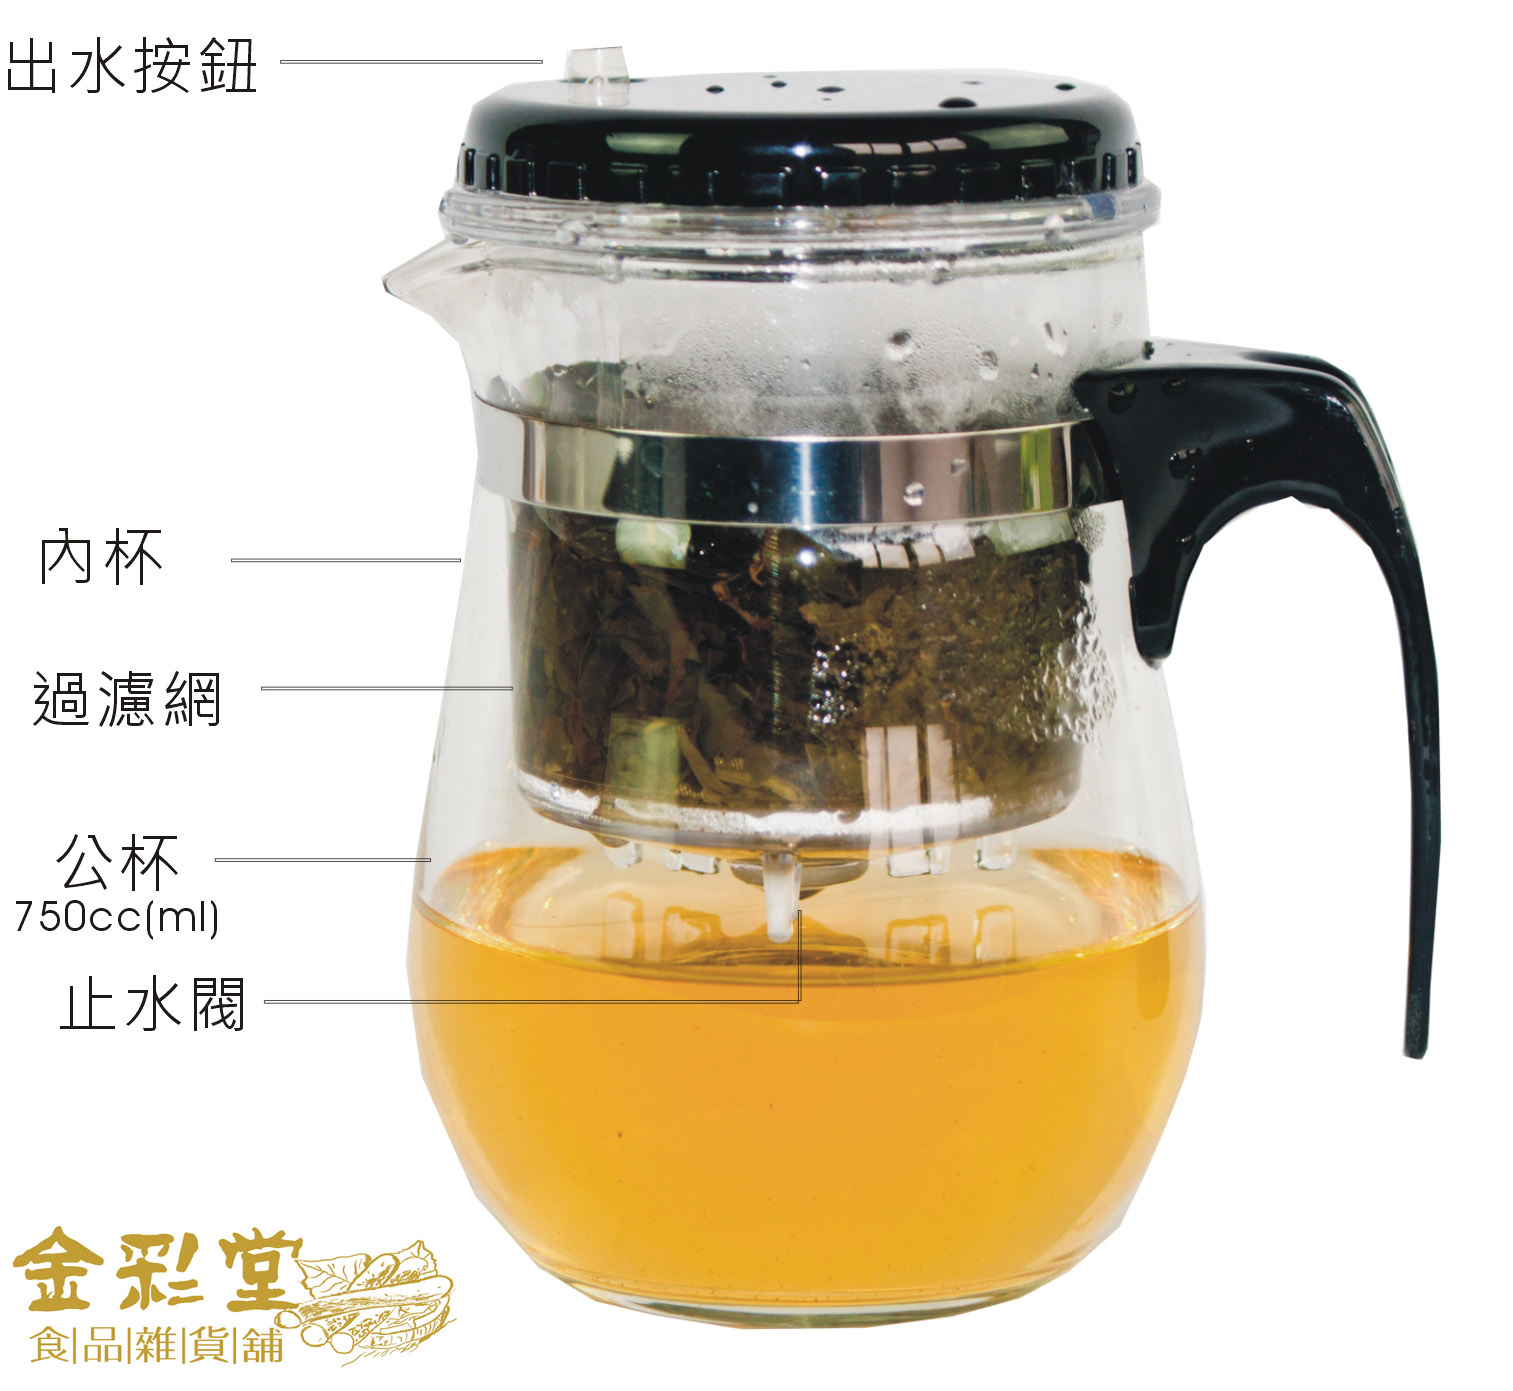 (妙廚師)多功能沖茶壺500mL,家用辦公玻璃材質,可沖茶也可當水杯使用